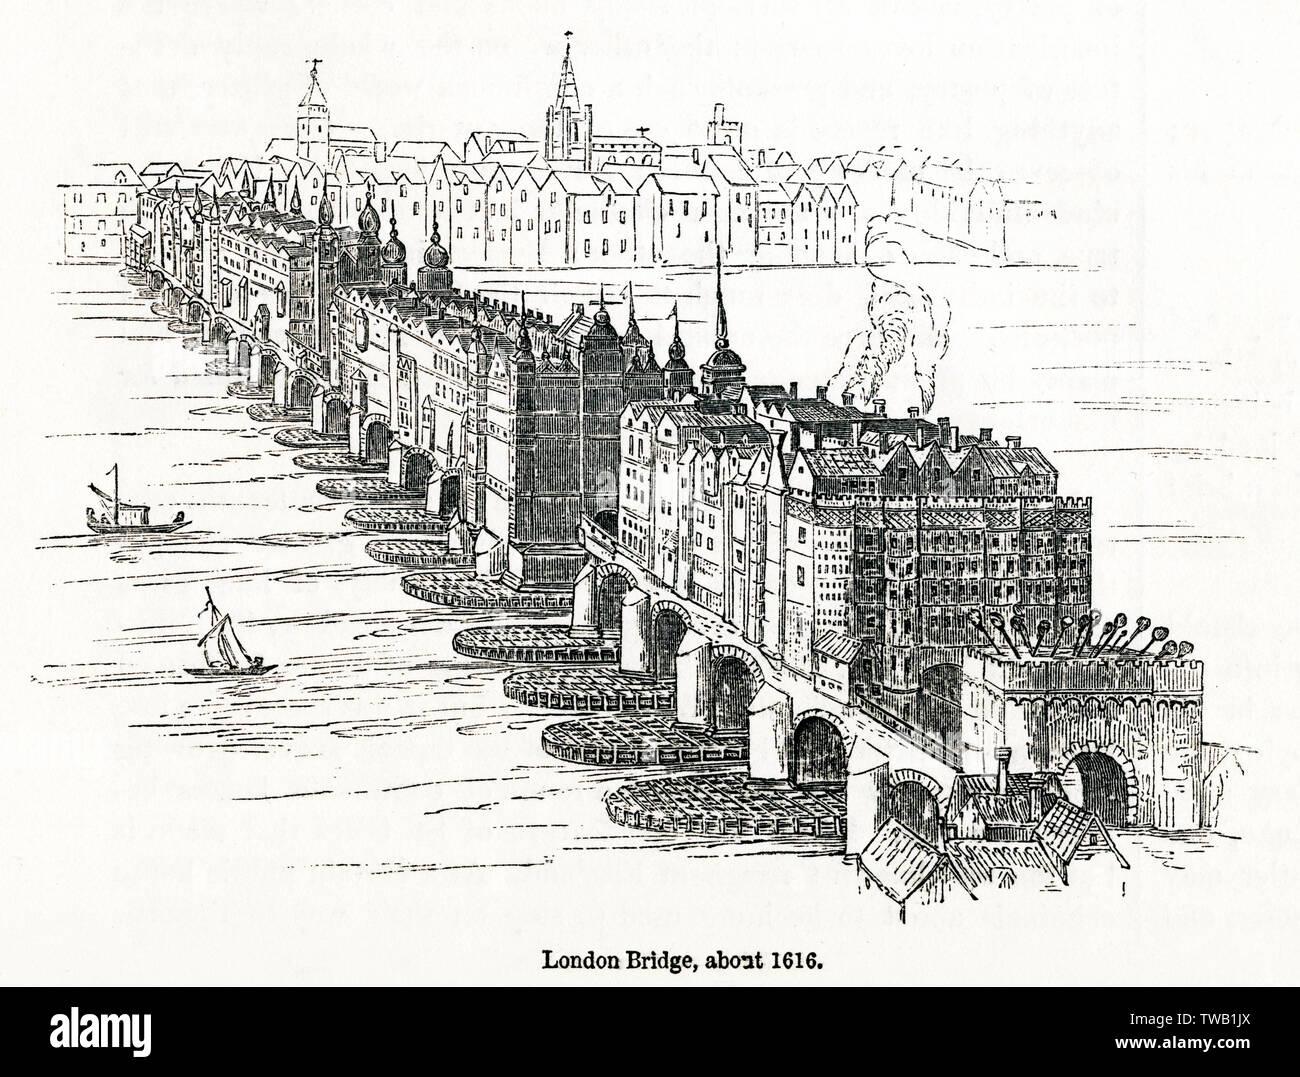 Antiguo puente de Londres, mostrando el Southwark gatehouse adicionadas con cabezas de criminales ejecutados en él. Fecha: circa 1616 Foto de stock